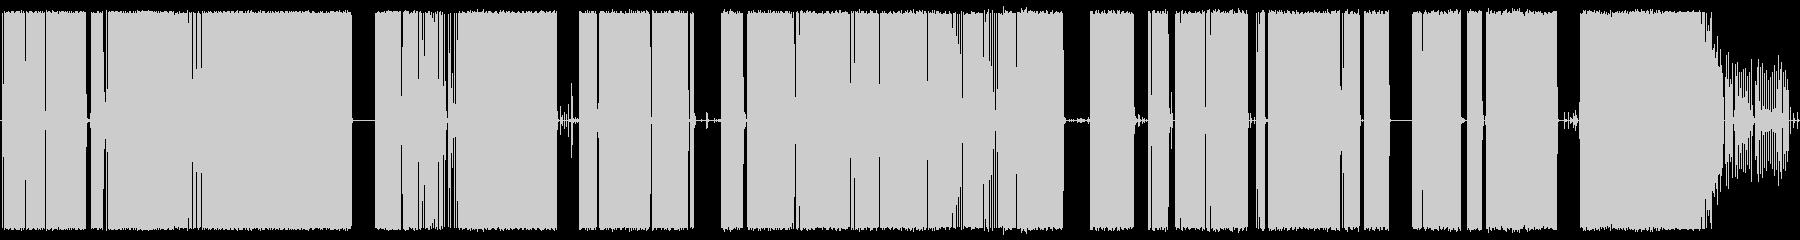 イメージ 古いスキャナー04の未再生の波形